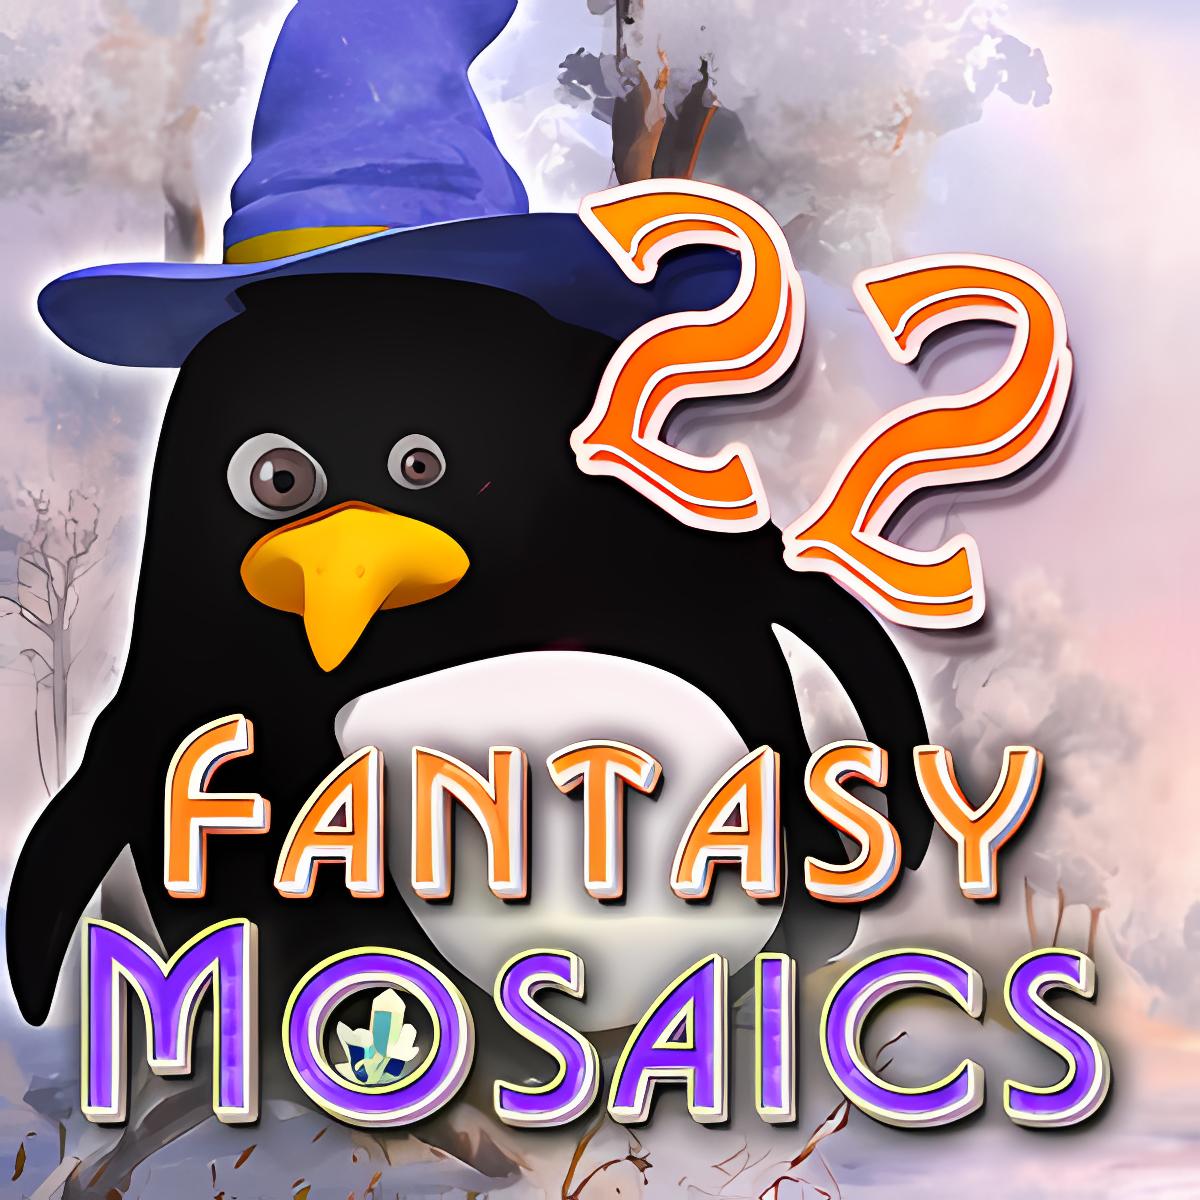 Fantasy Mosaics 22